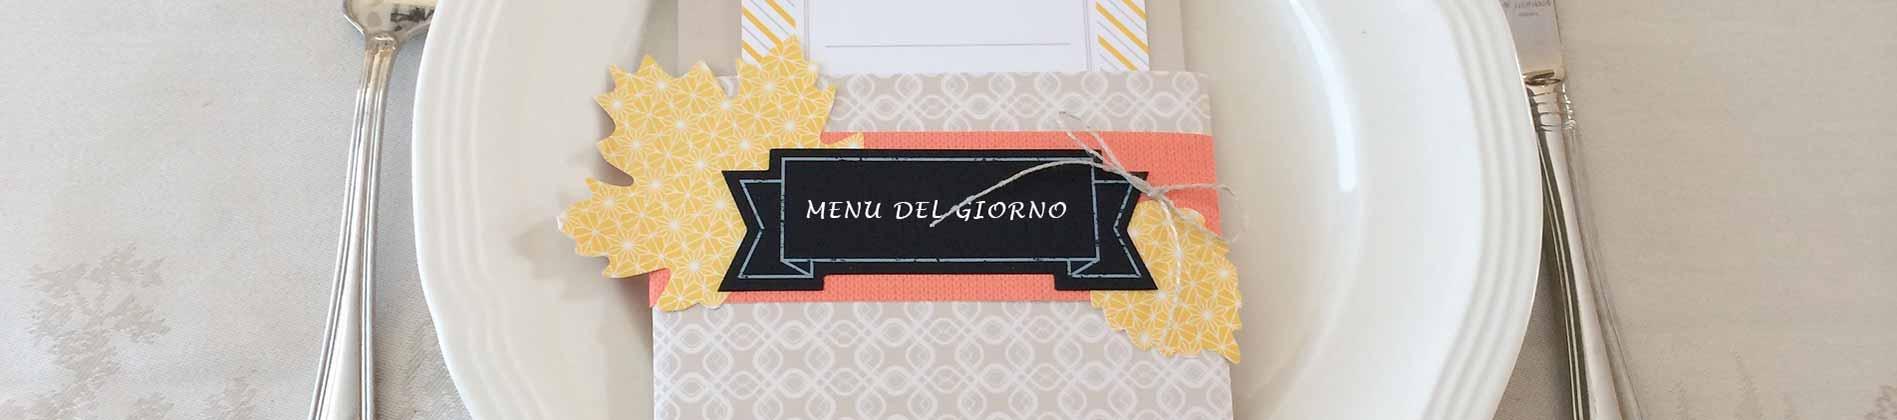 Educazione alimentare miglioramenti menu - Marinella BroccolEducazione alimentare miglioramenti menu - Marinella Broccoli-Biologa Nutrizionista